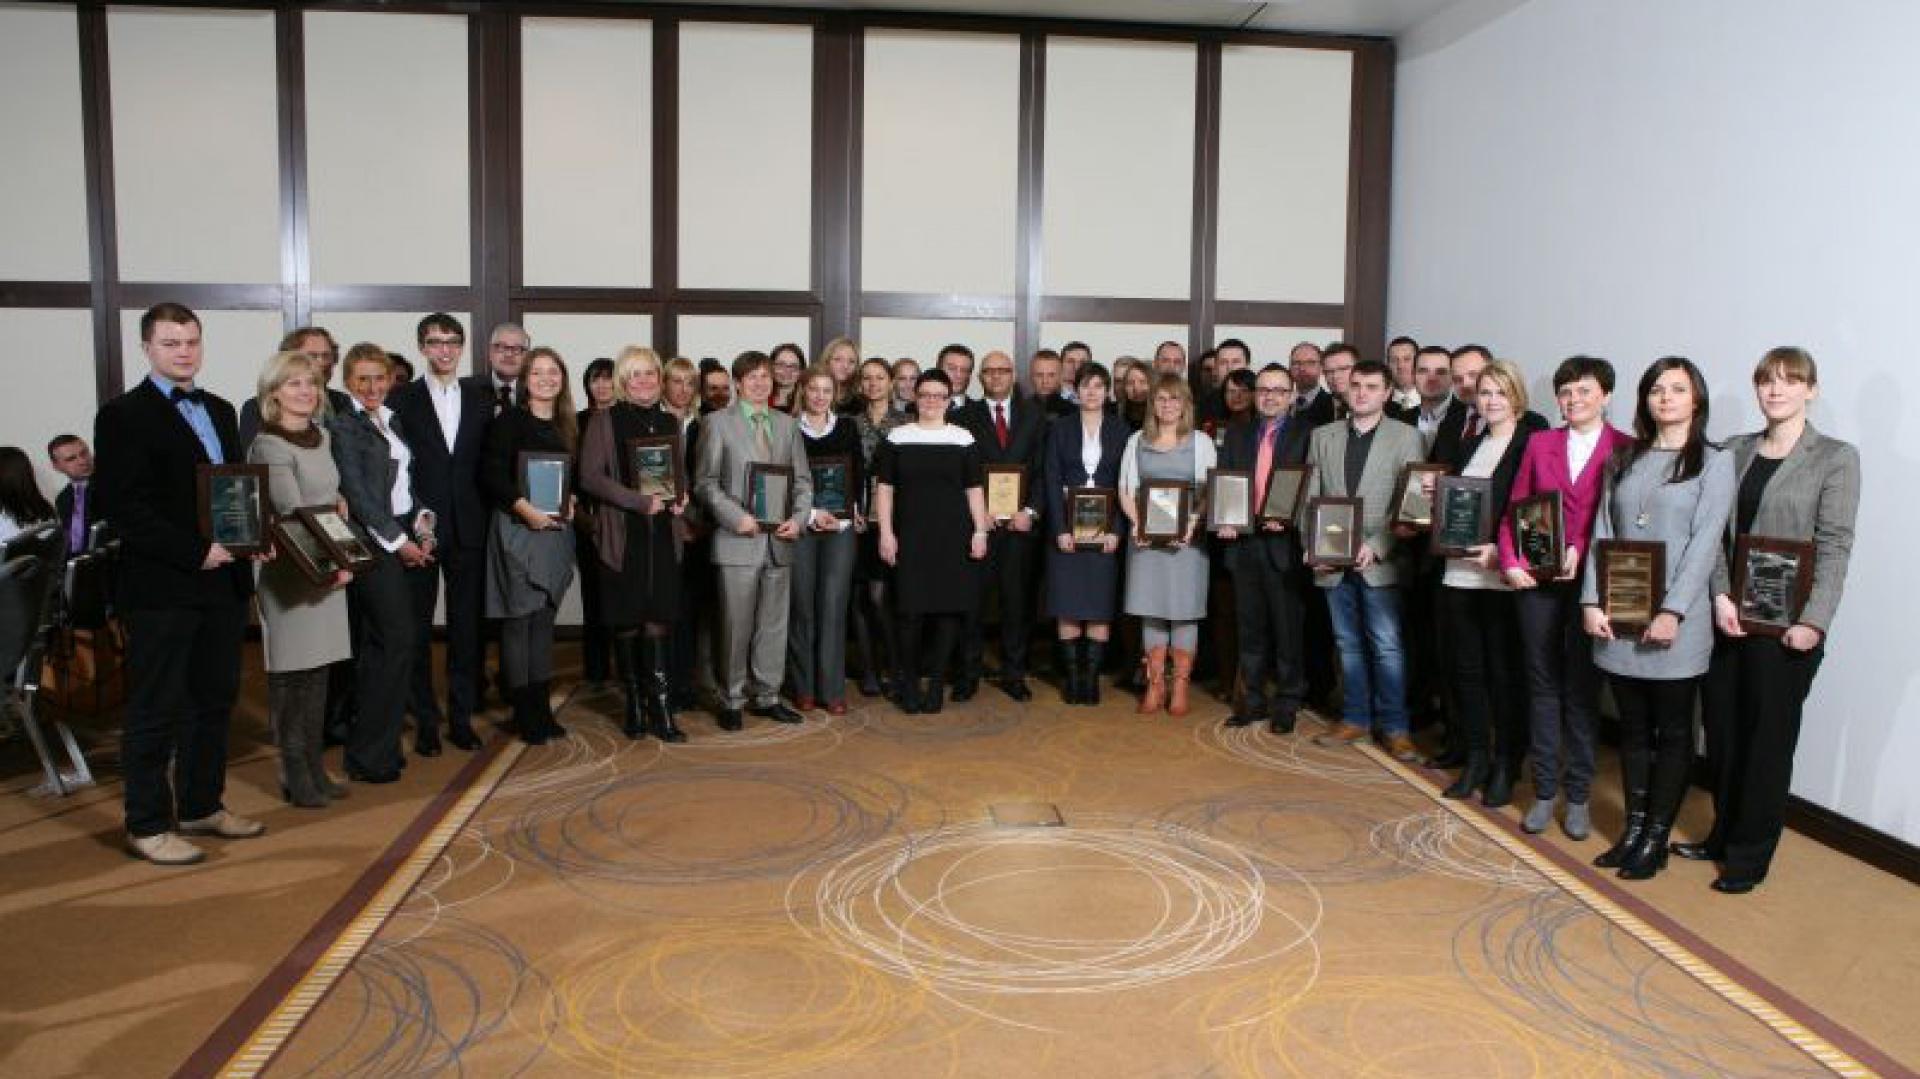 Zwycięzcy na scenie. Przedstawiciele firm, których produkty nagrodzono tytułem Dobry Design 2013.